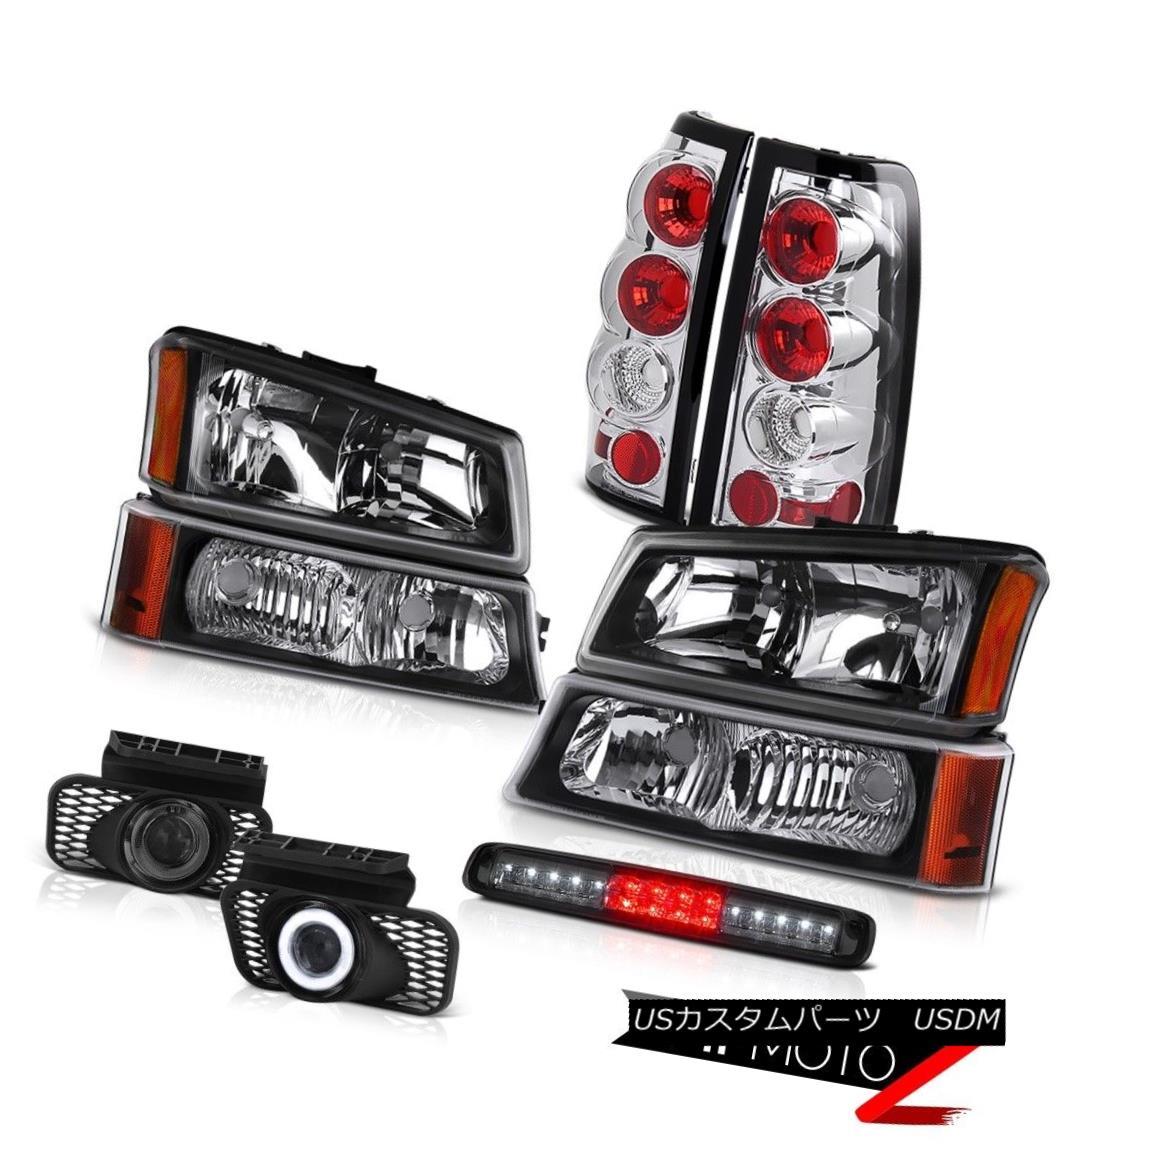 ヘッドライト 03-06 Silverado Parking Light Smoked Roof Brake Headlamps Foglights Taillights 03-06 Silveradoパーキングライトスモークルーフブレーキヘッドランプフォグライトテールライト